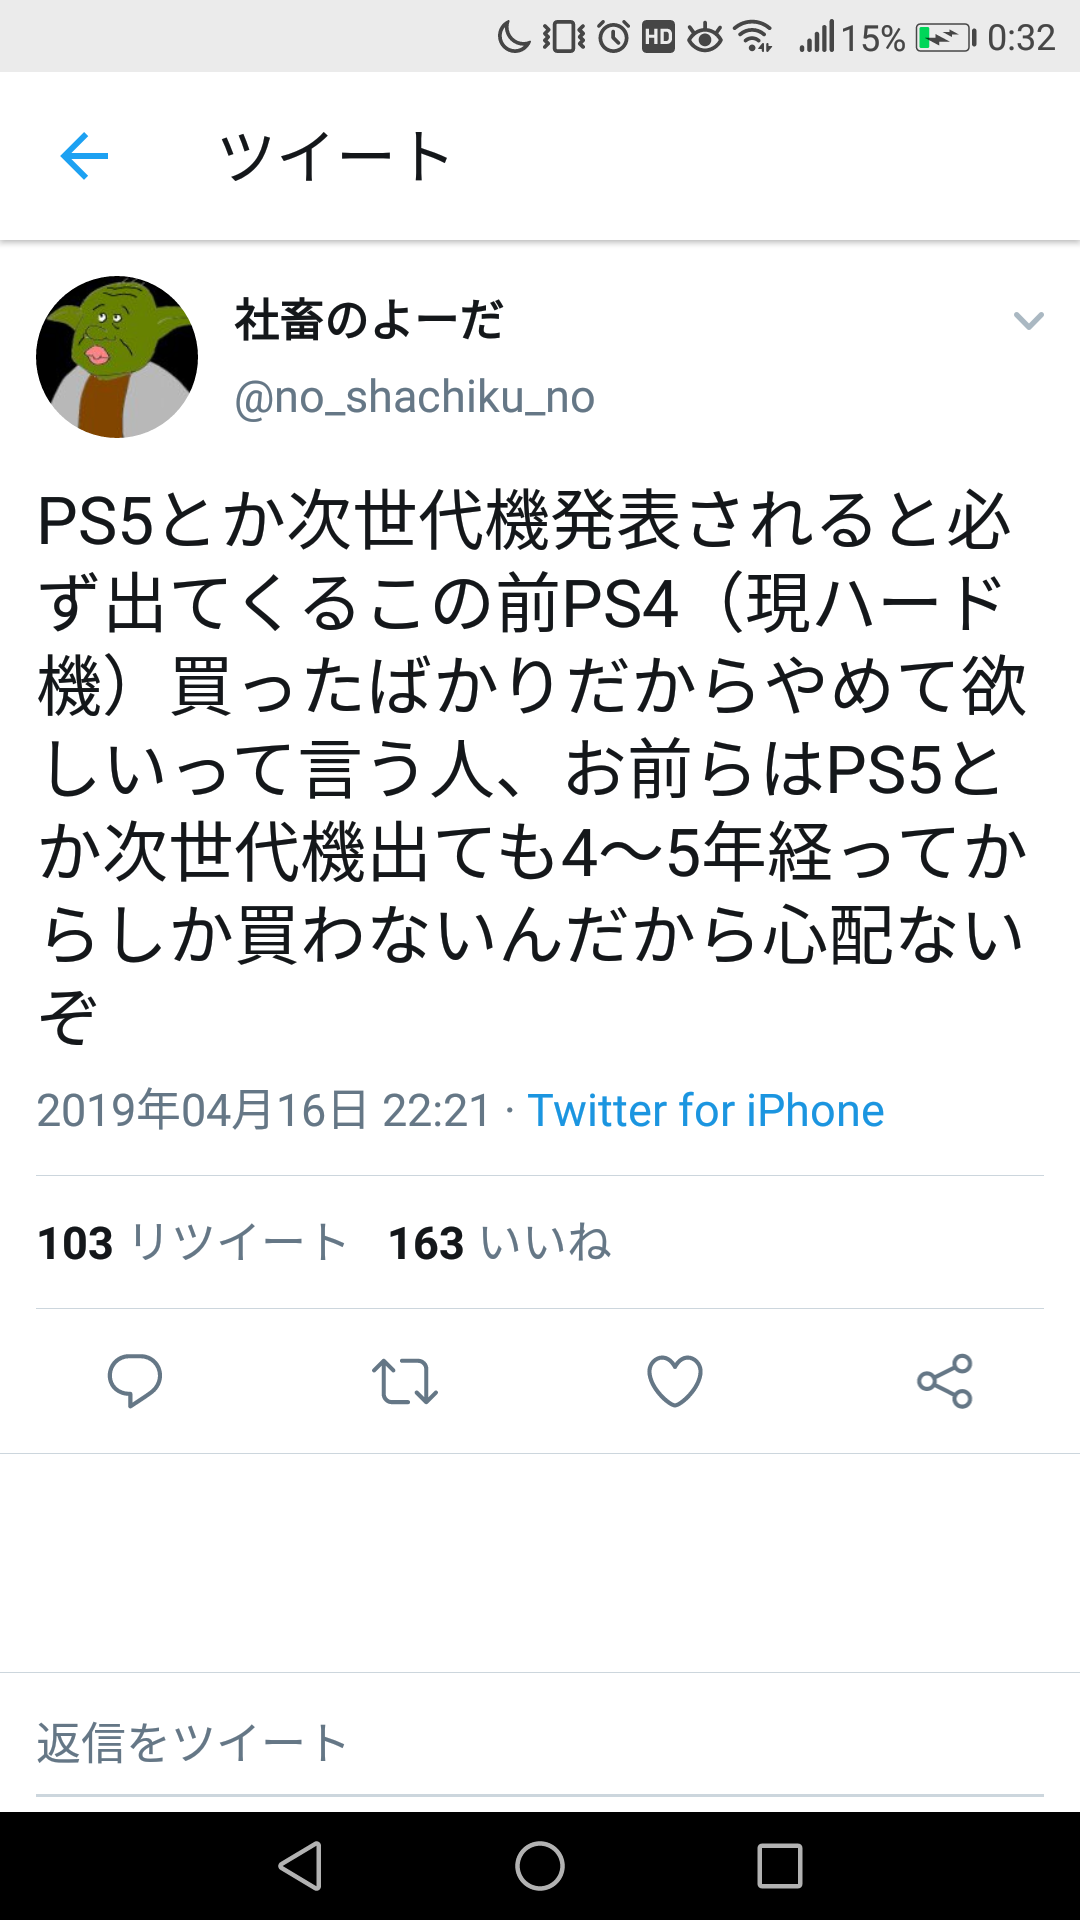 1 3 - 【速報】プレイステーション5、詳細キタ━━━━(゚∀゚)━━━━!! 化物スペック!!